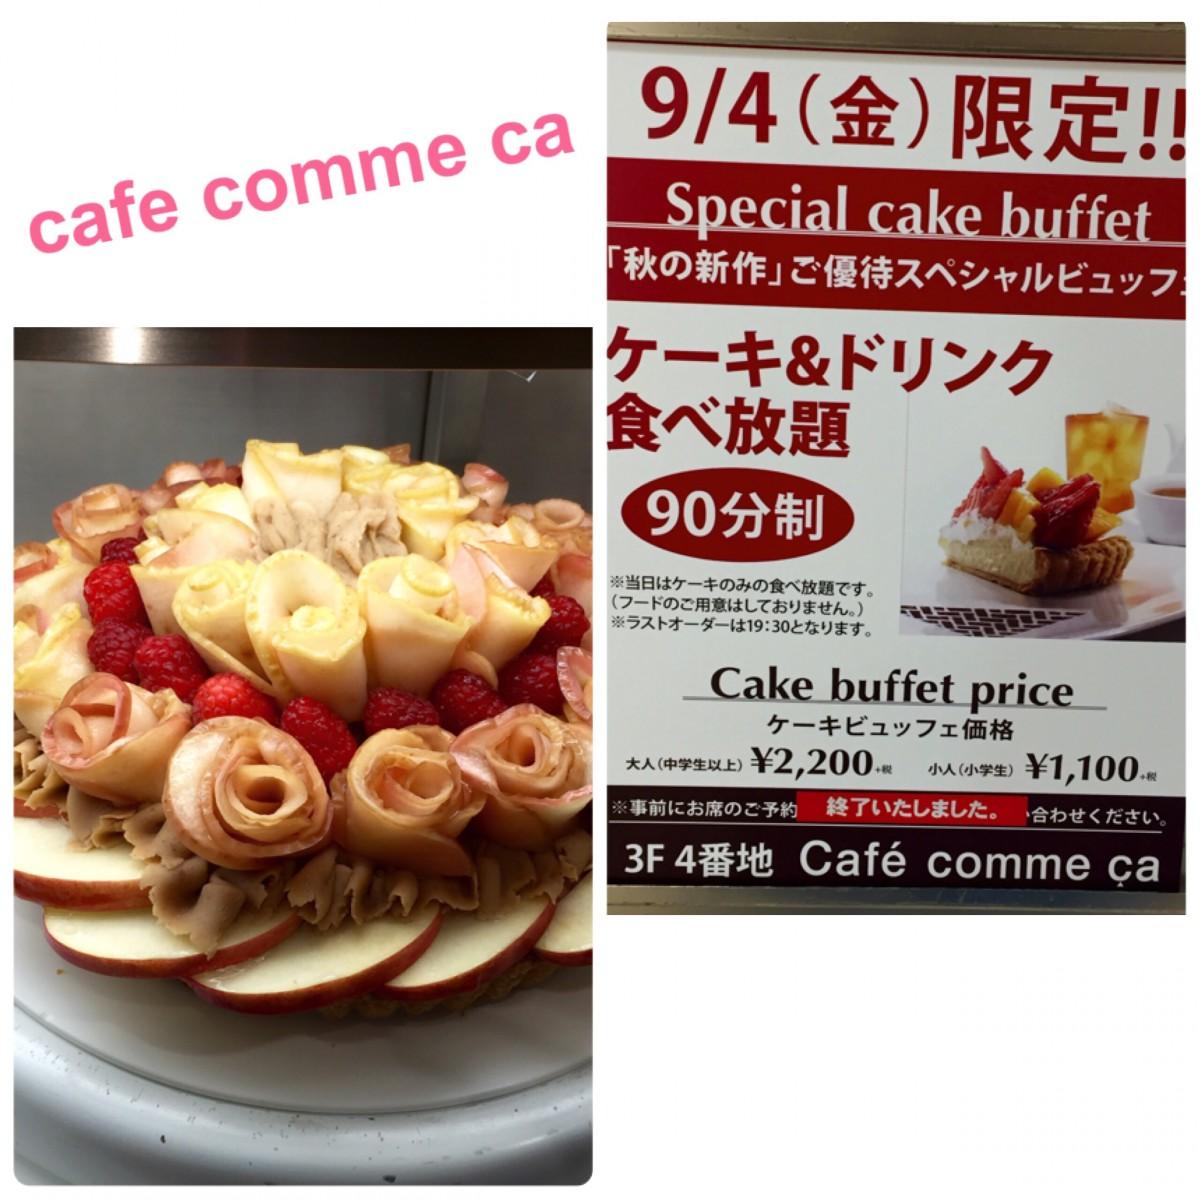 まさか、カフェコムサのケーキ&ドリンクが食べ放題!2200円